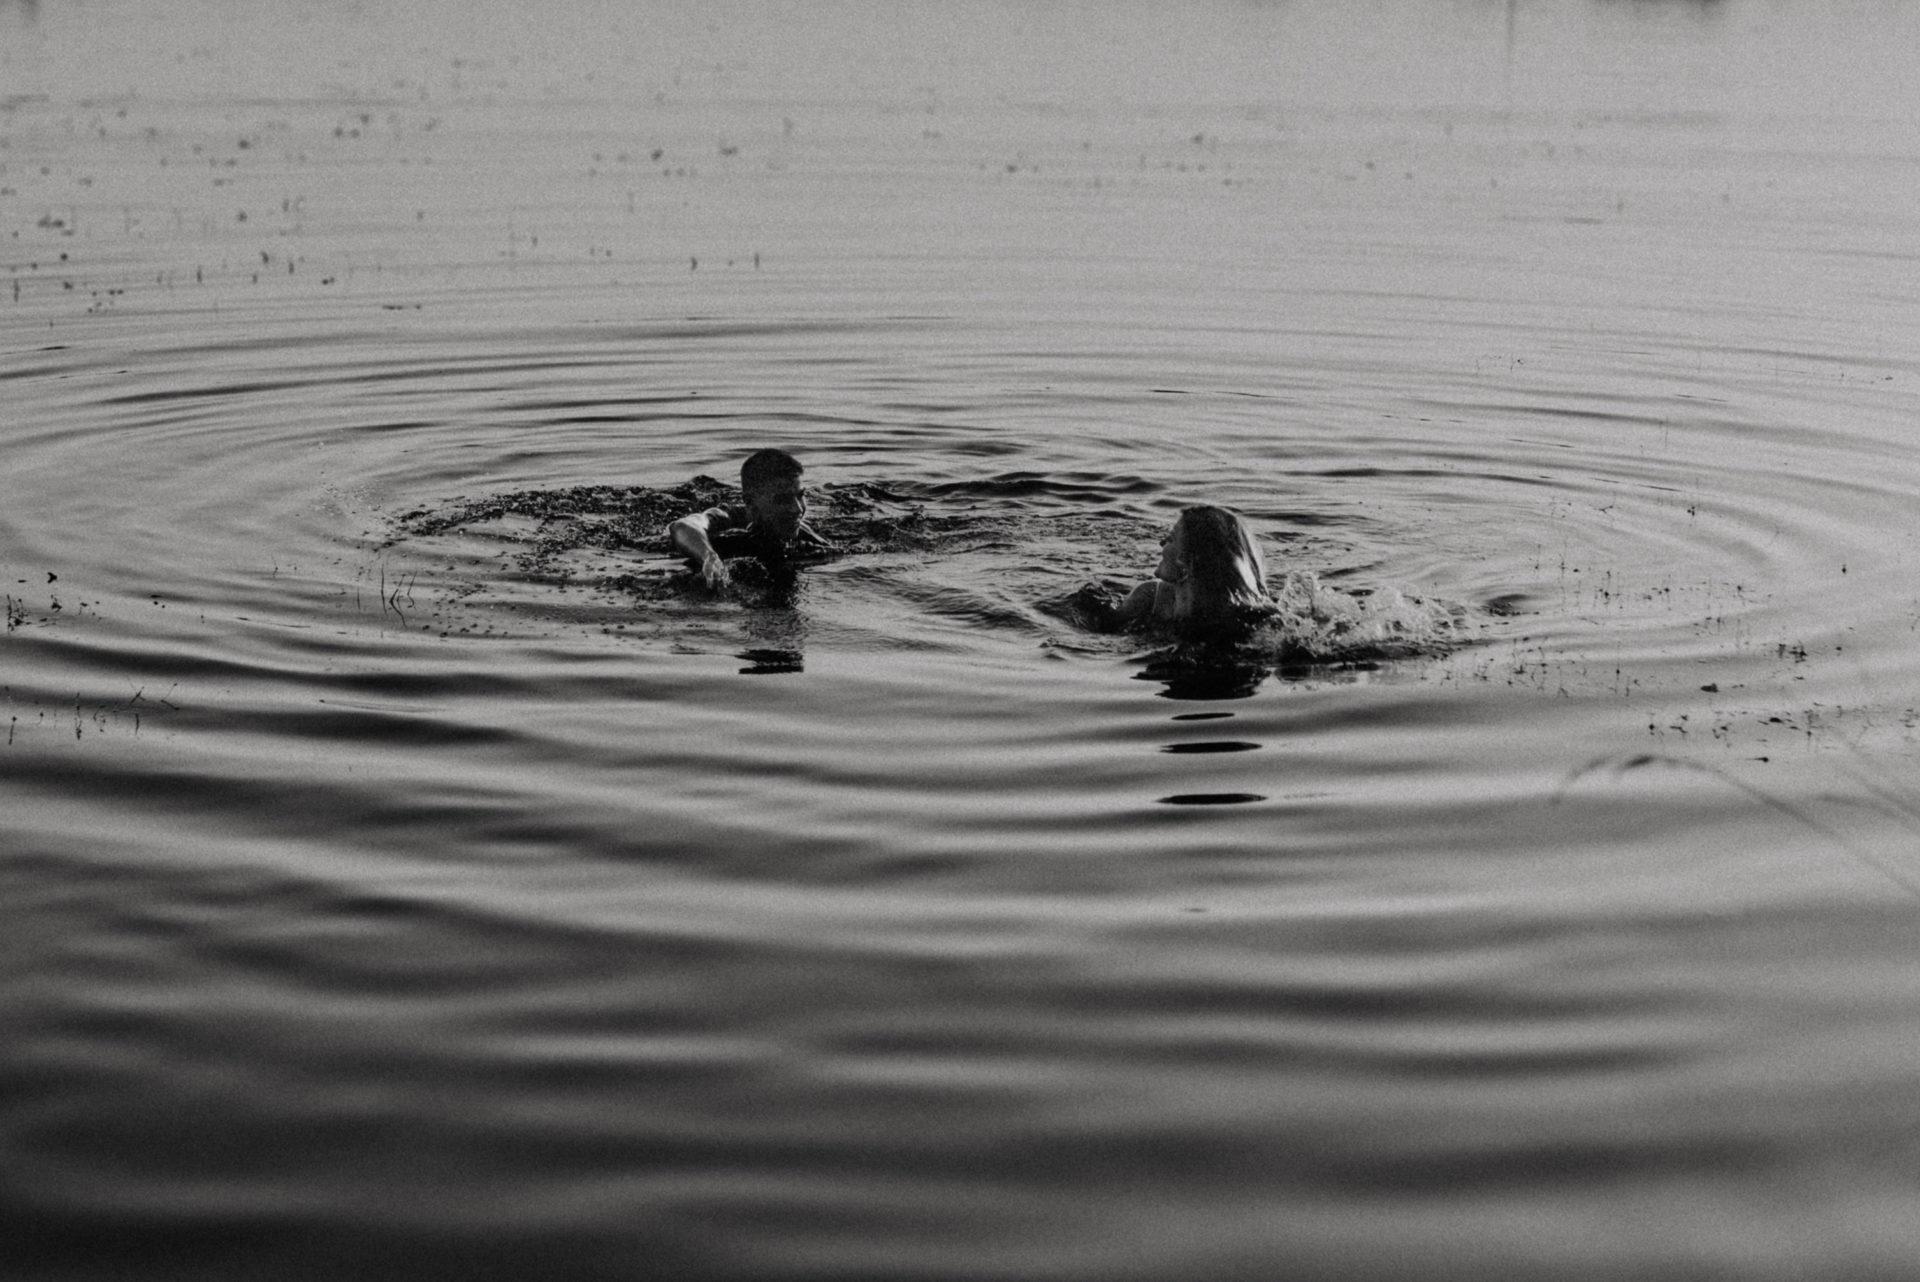 séance couple dans l'eau